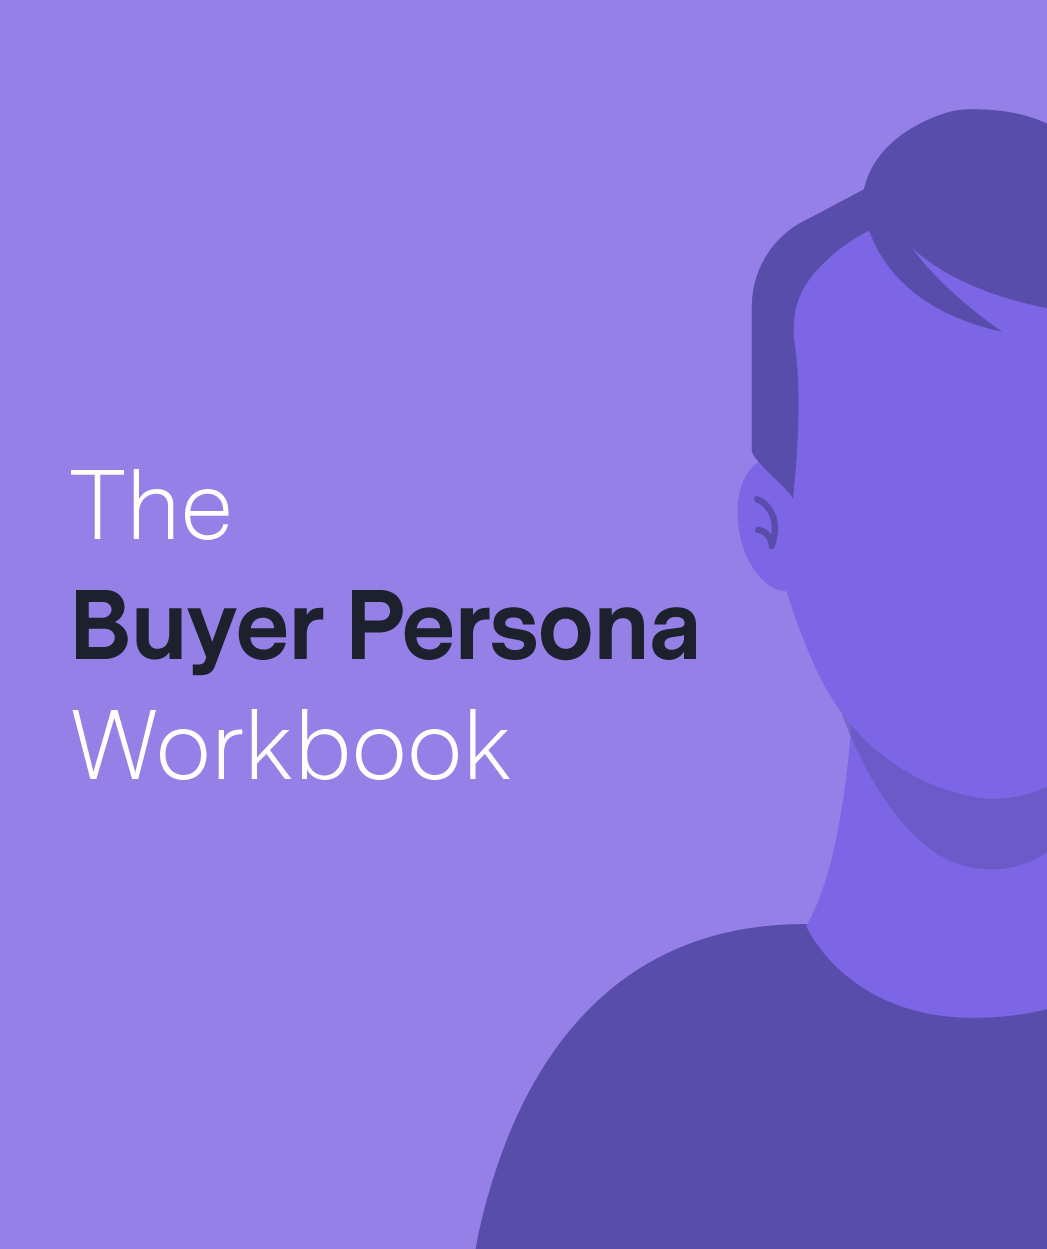 Persona-Workbook-BMO-resource-image